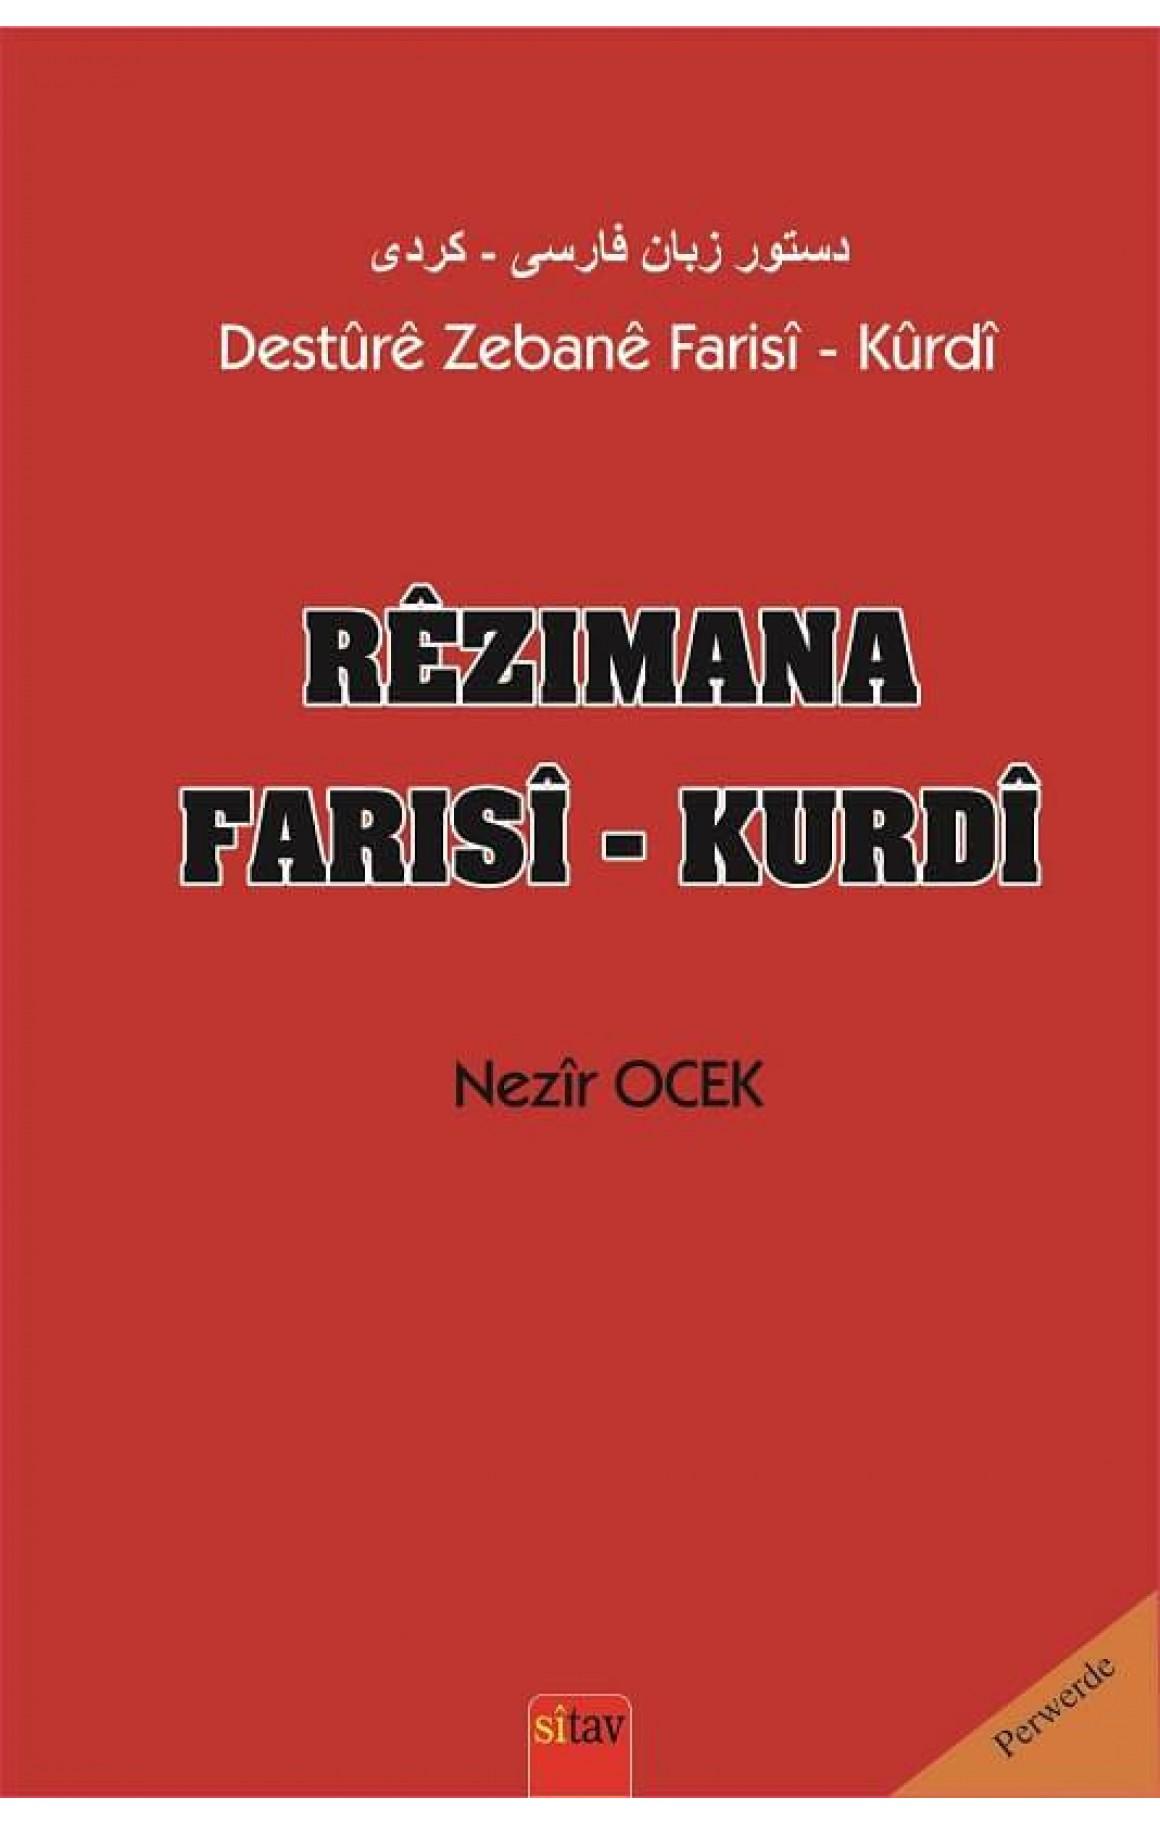 Rêzimana Farisî-Kurdî